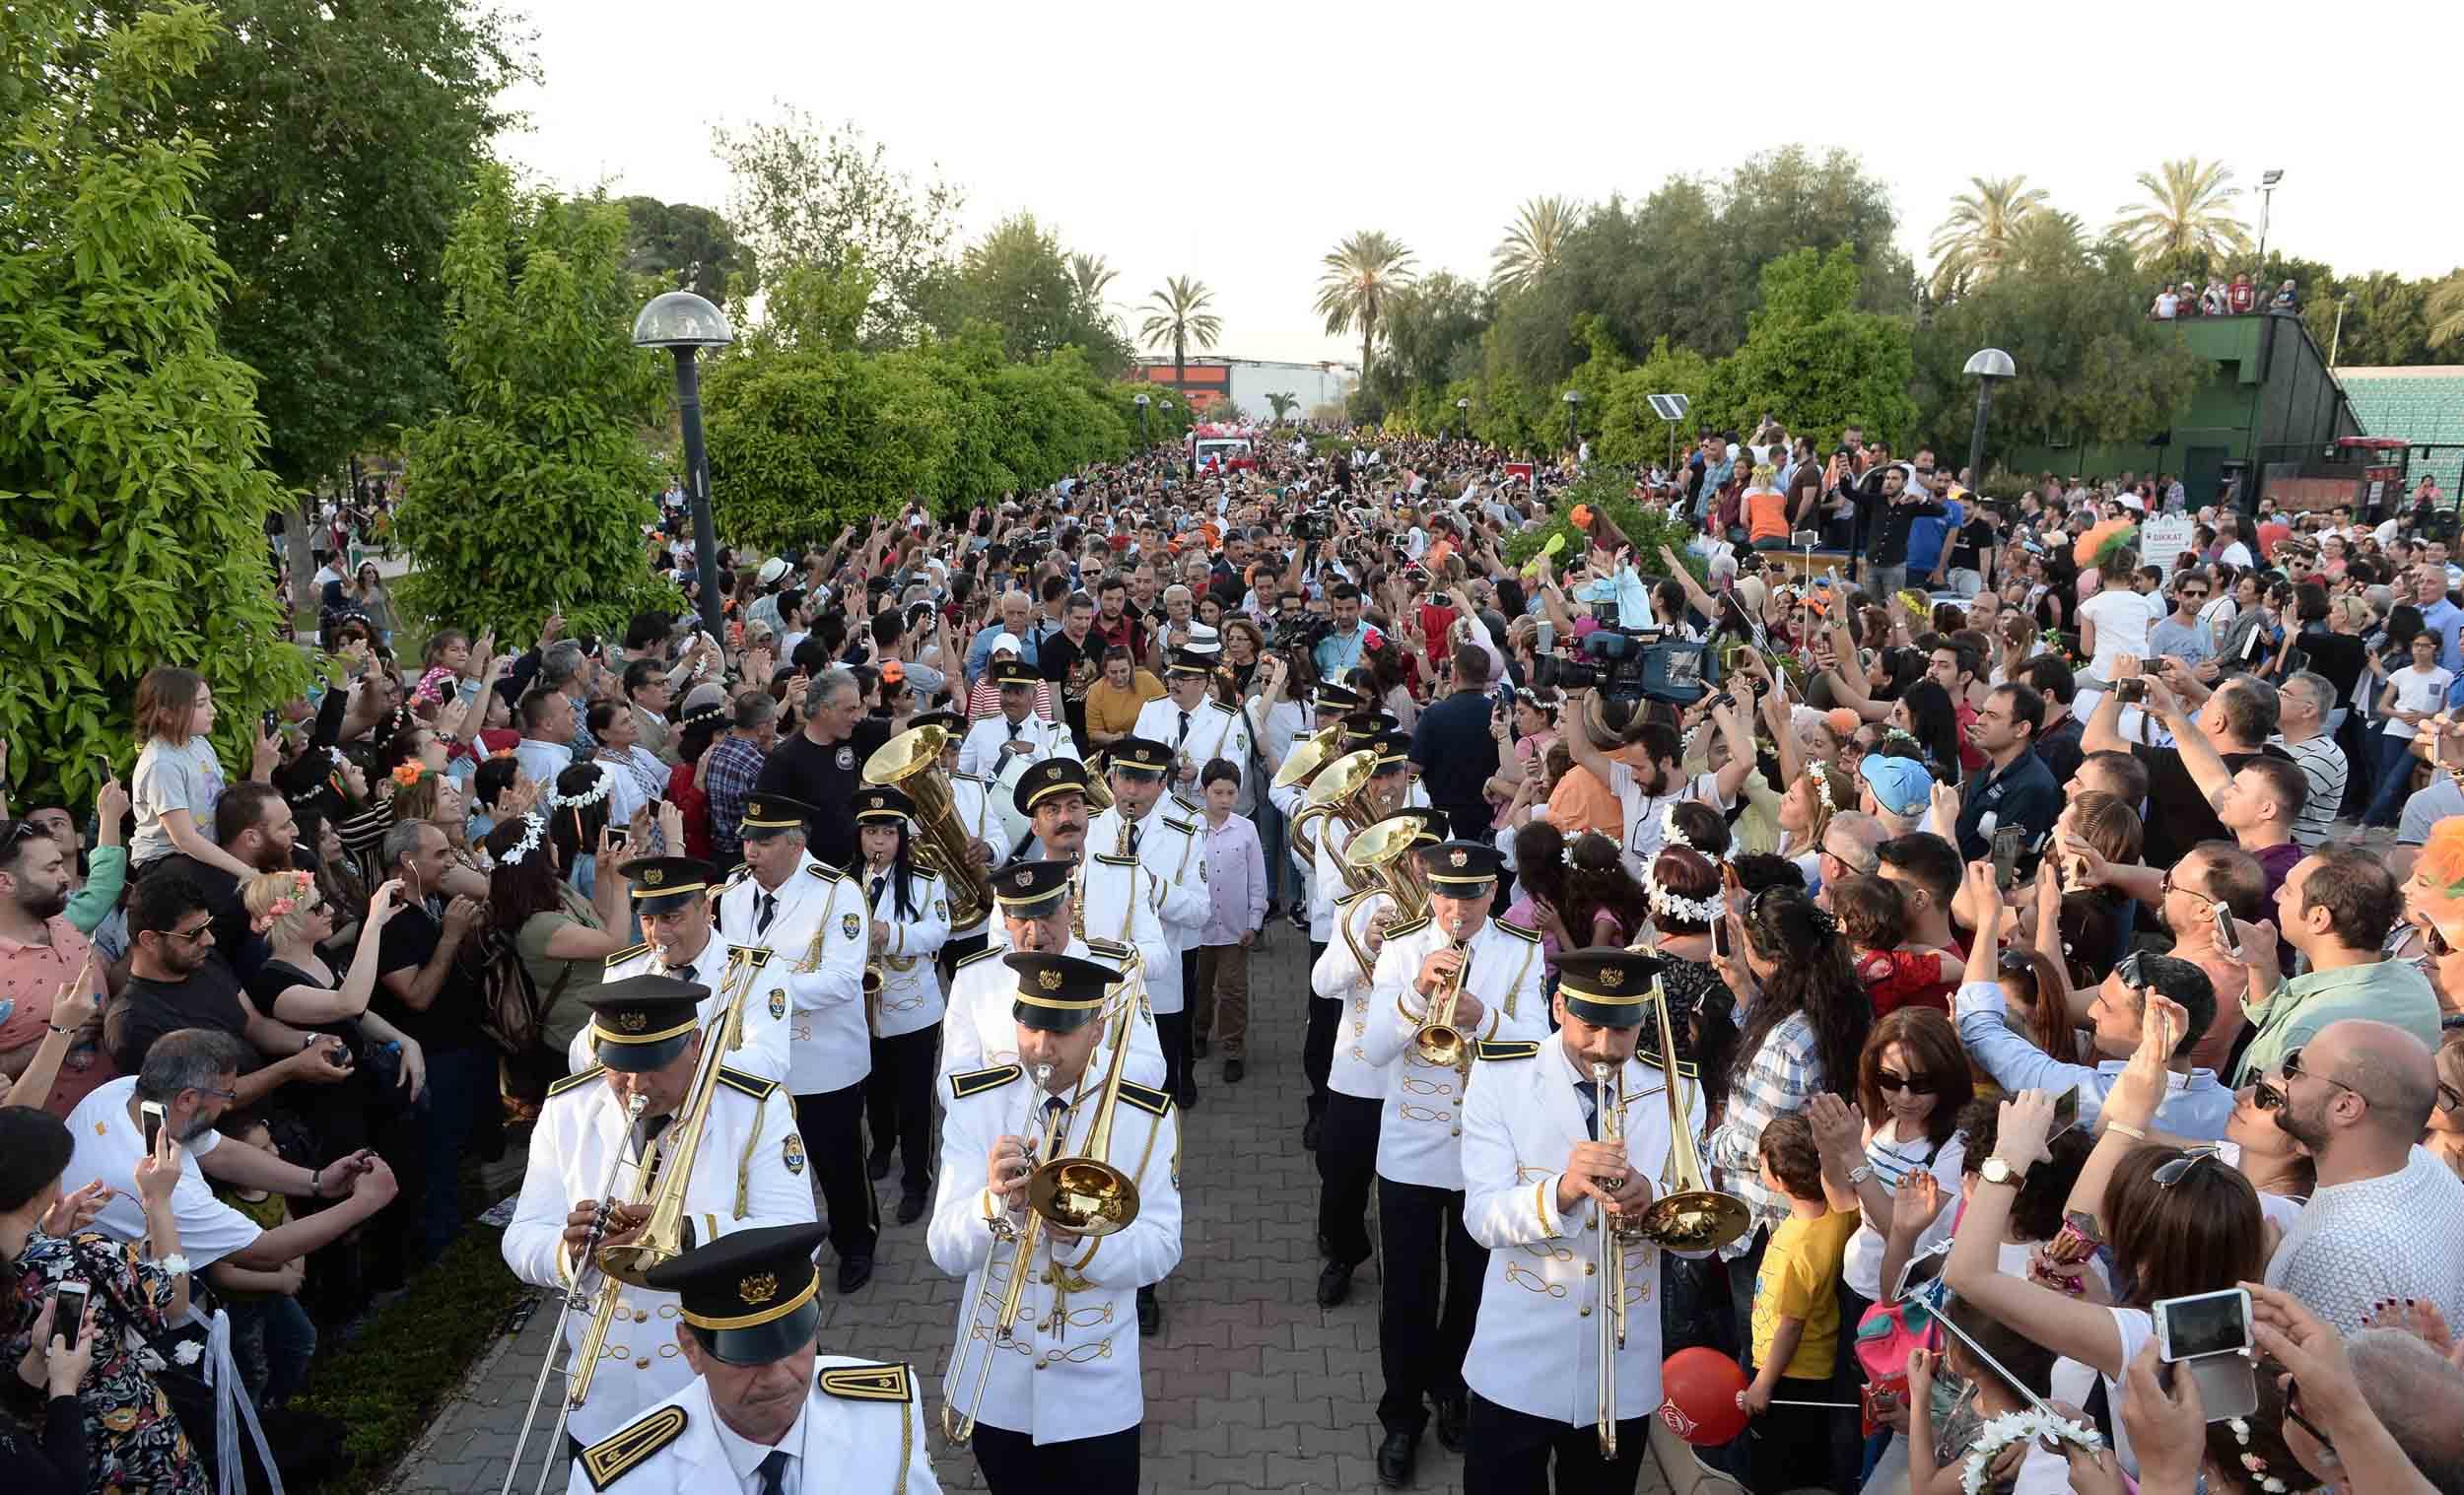 Milyonlar Karnaval İçin Adana Sokaklarındaydı